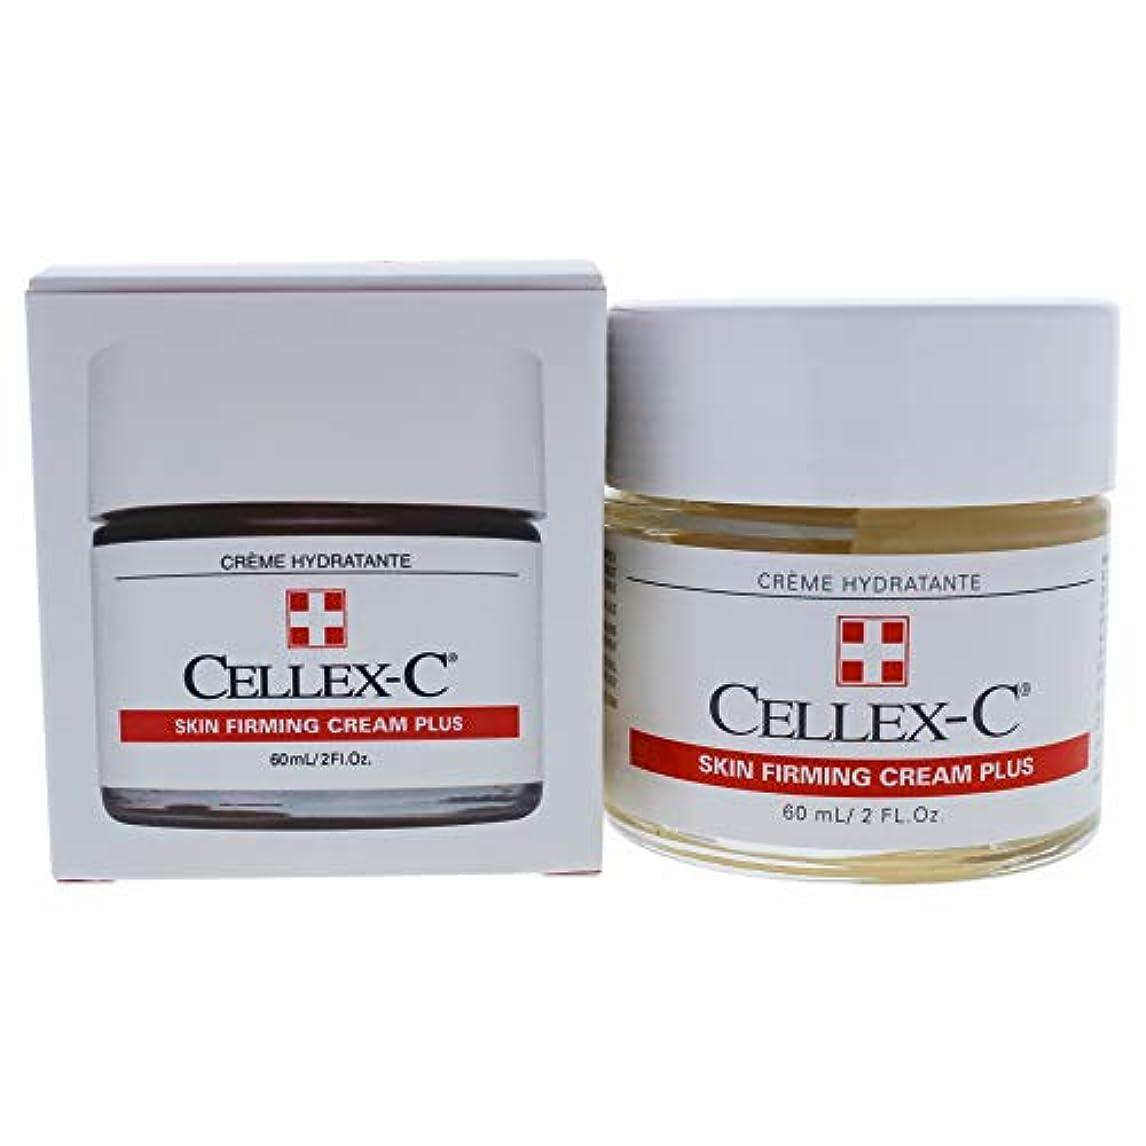 証明する評価する特徴づけるCellex-C ファーミングクリームプラス、60ミリリットルをスキン Skin Firming Cream Plus, 60 ml